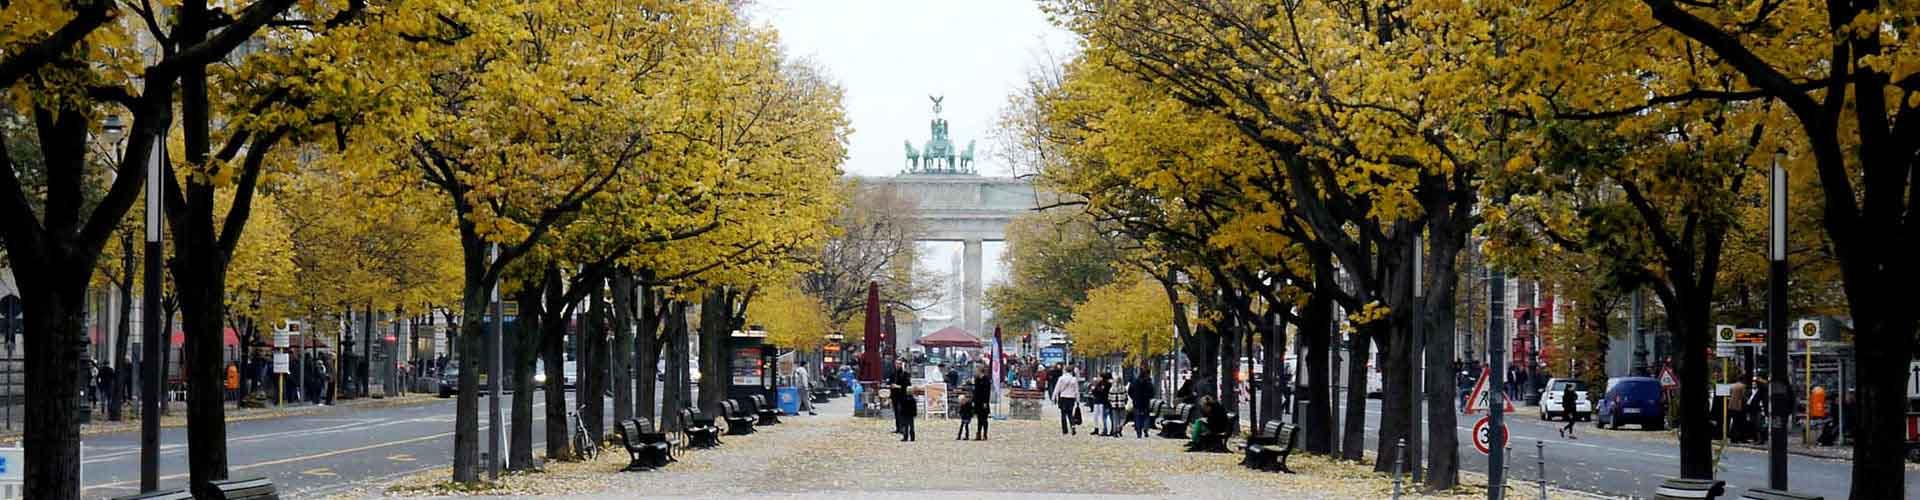 柏林 – 菩提树下附近的公寓。柏林地图,柏林每间公寓的照片和评价。